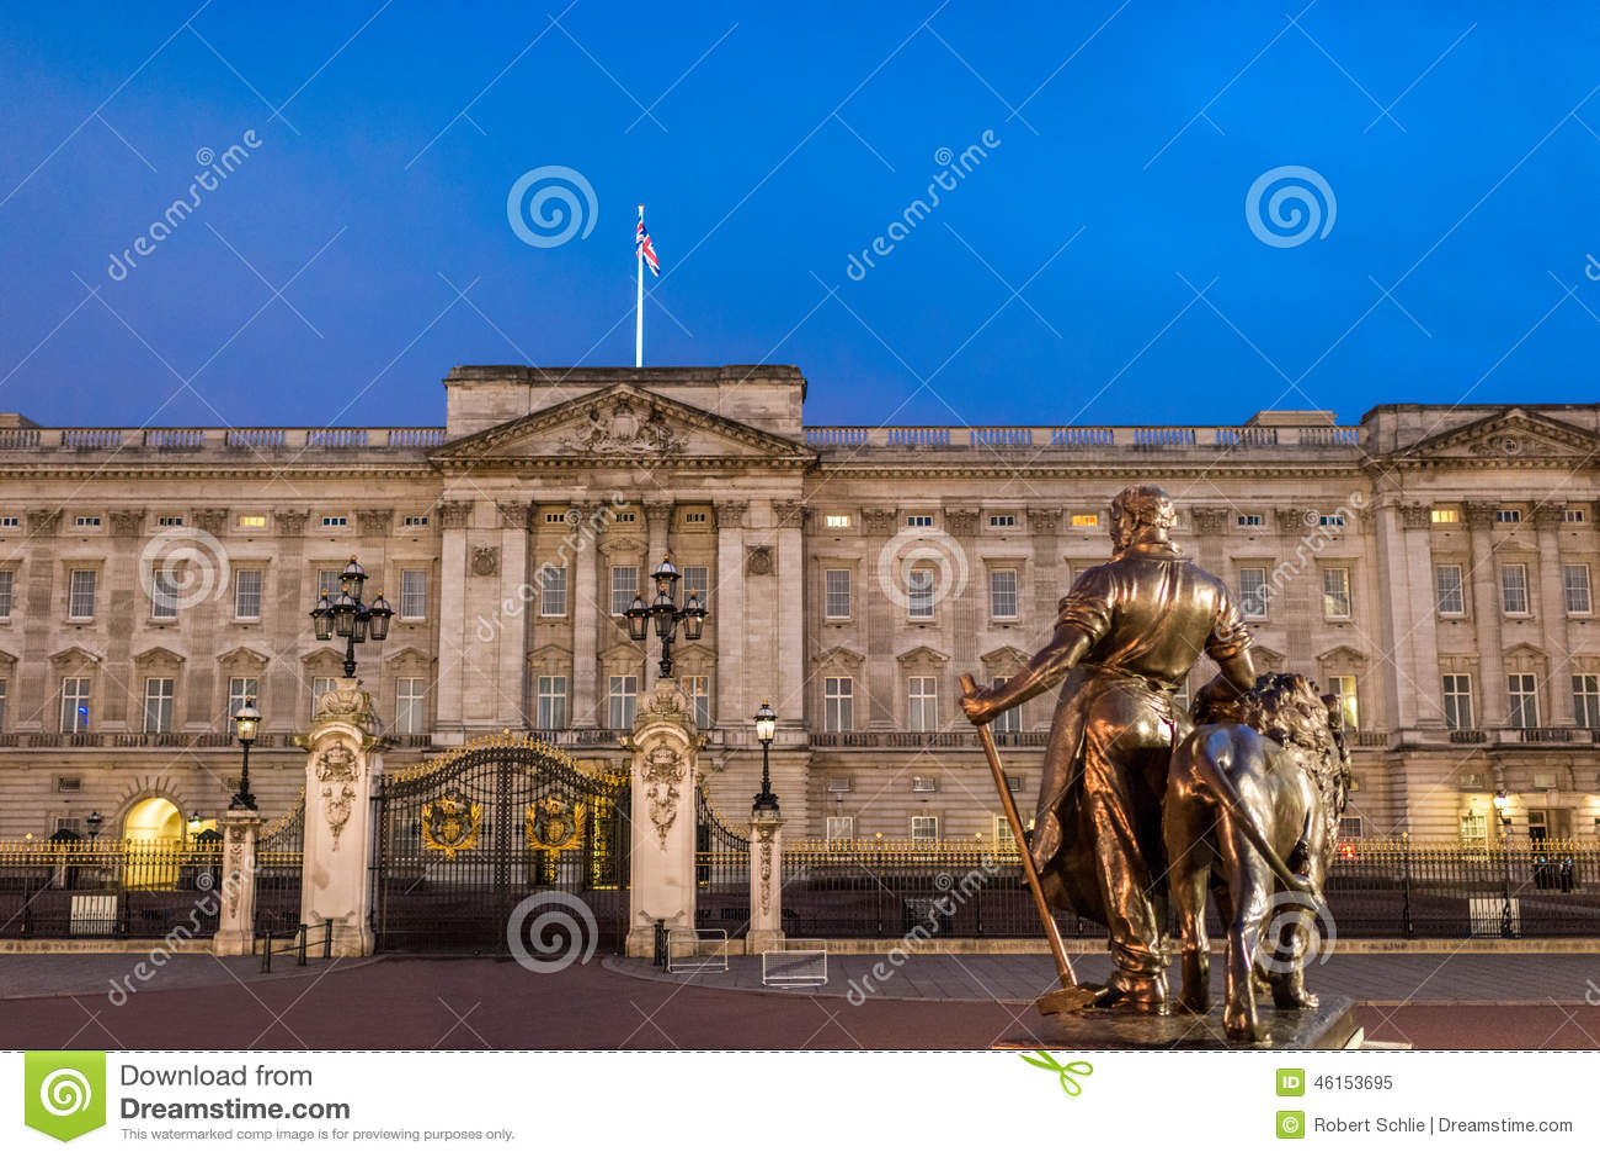 Buckingham Palace en la noche